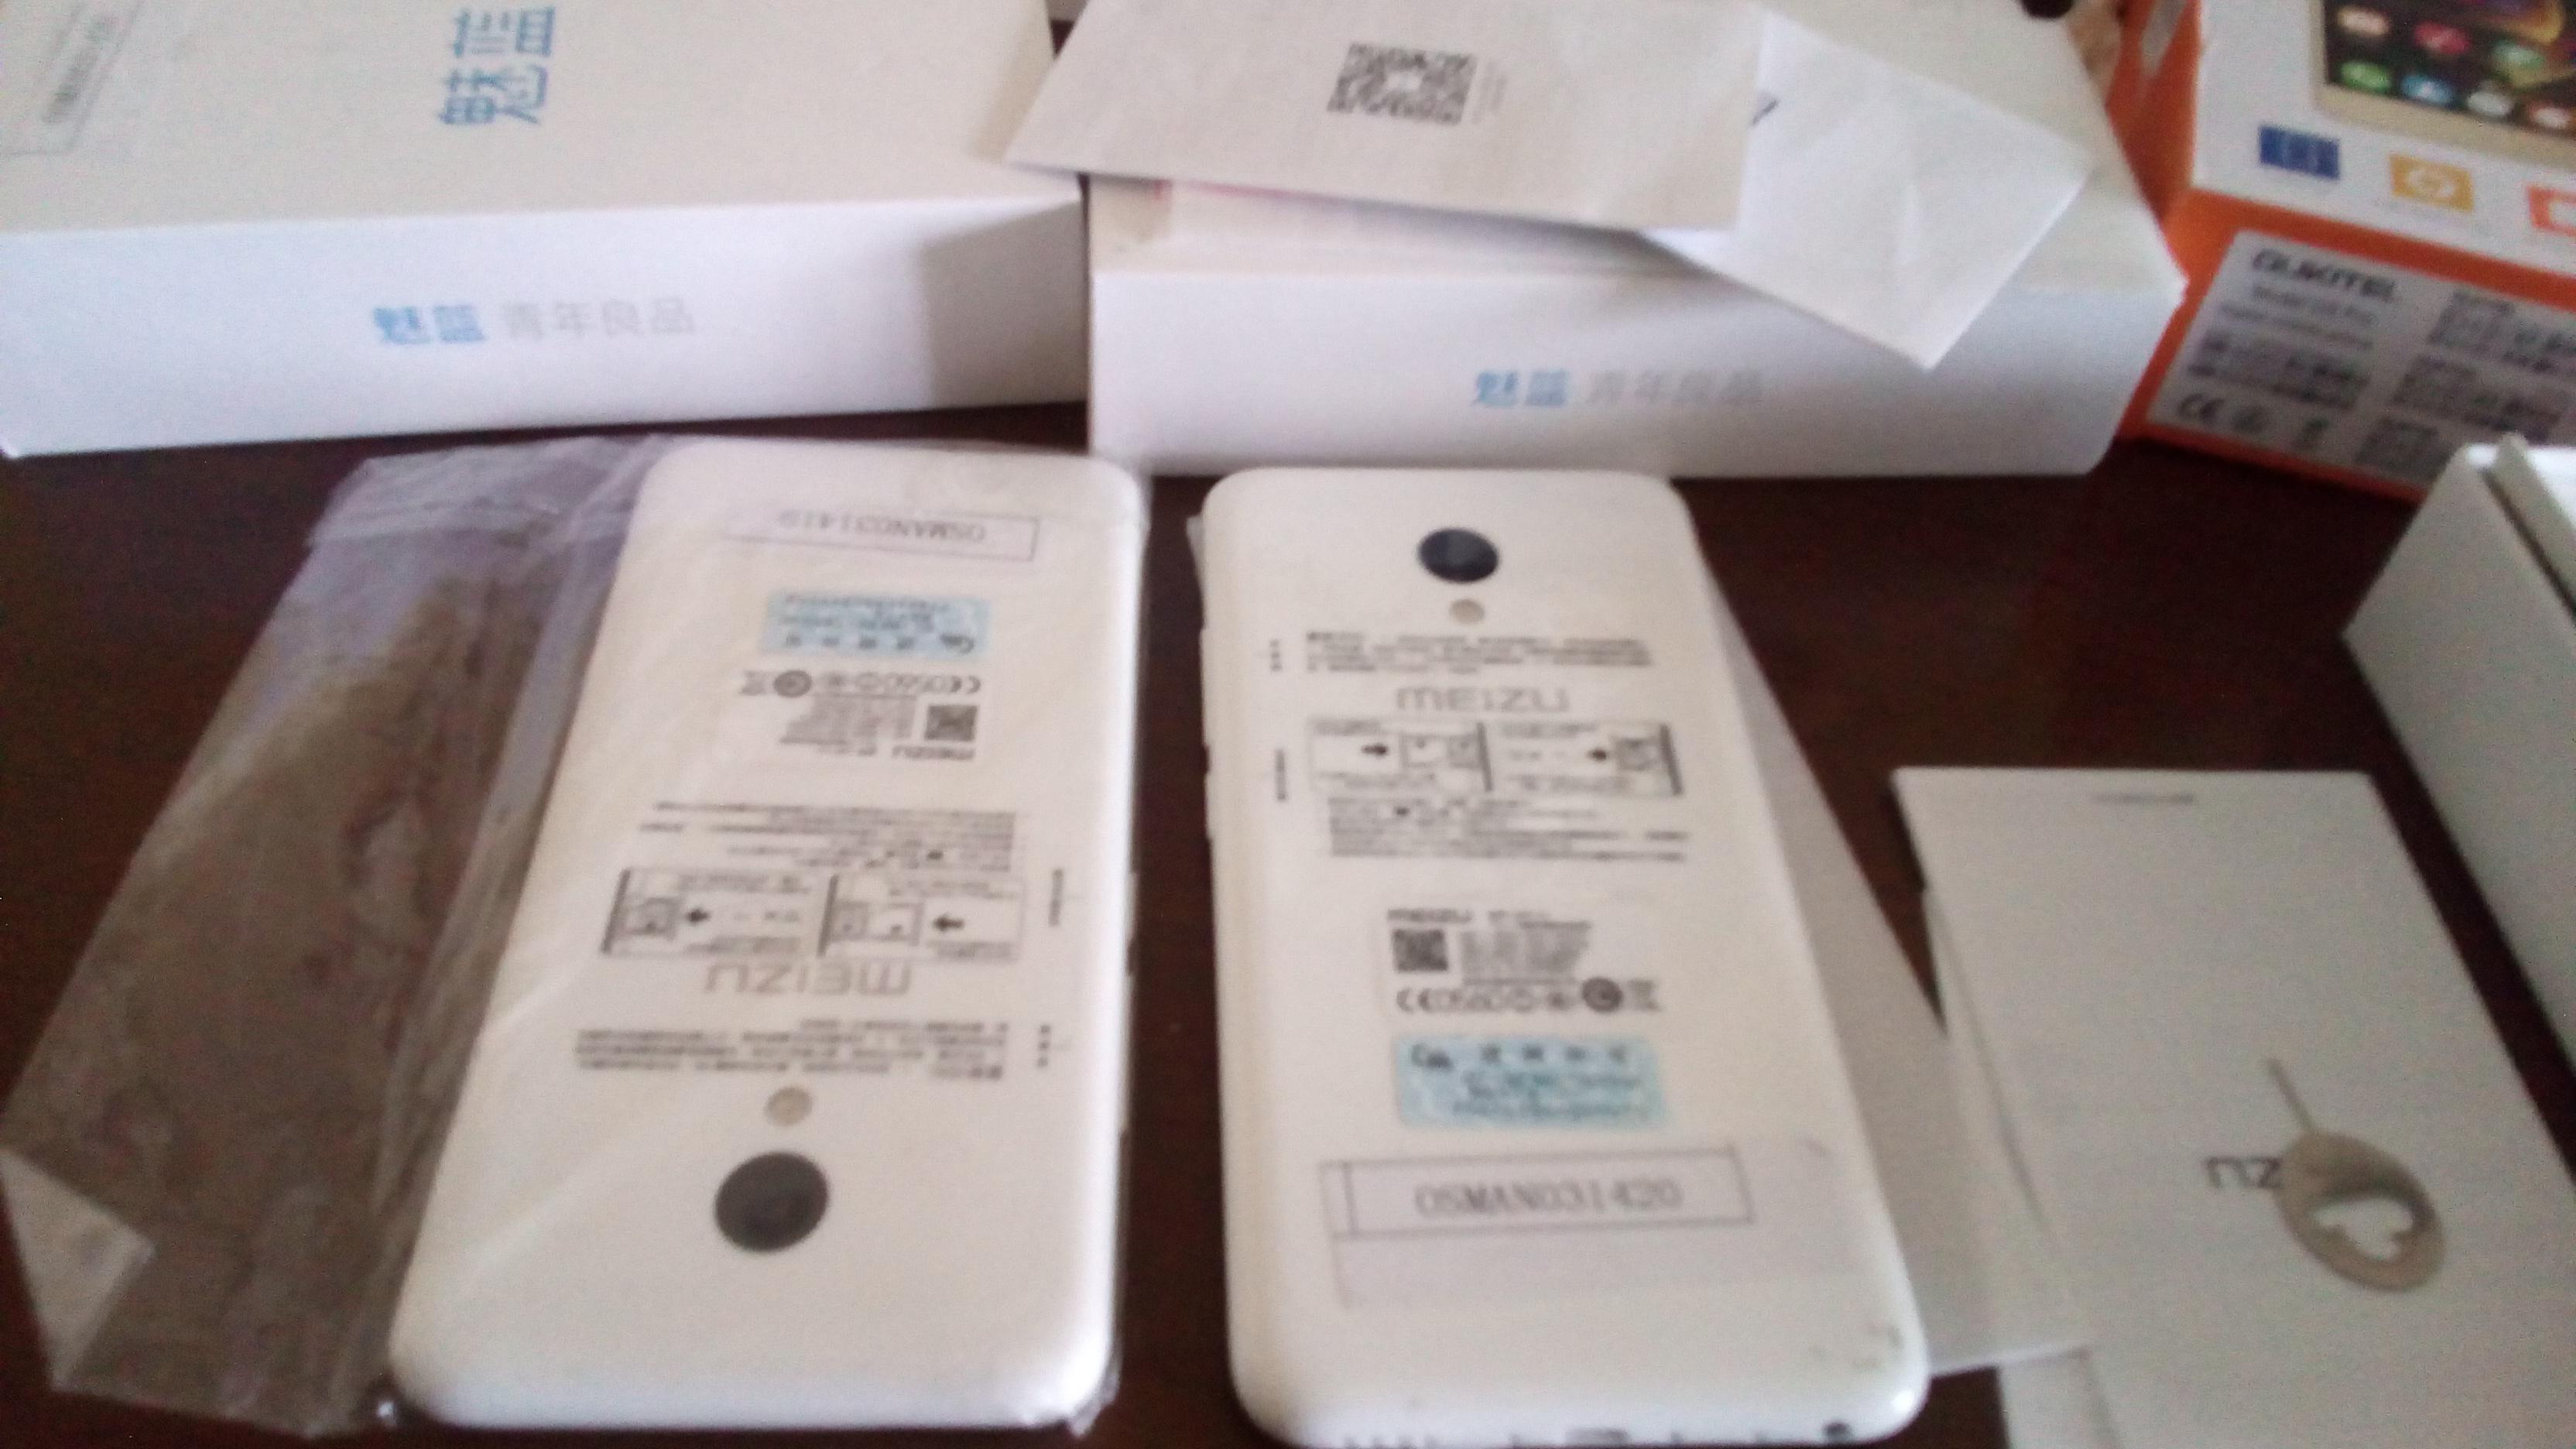 ea0dc3380d324c a7666c